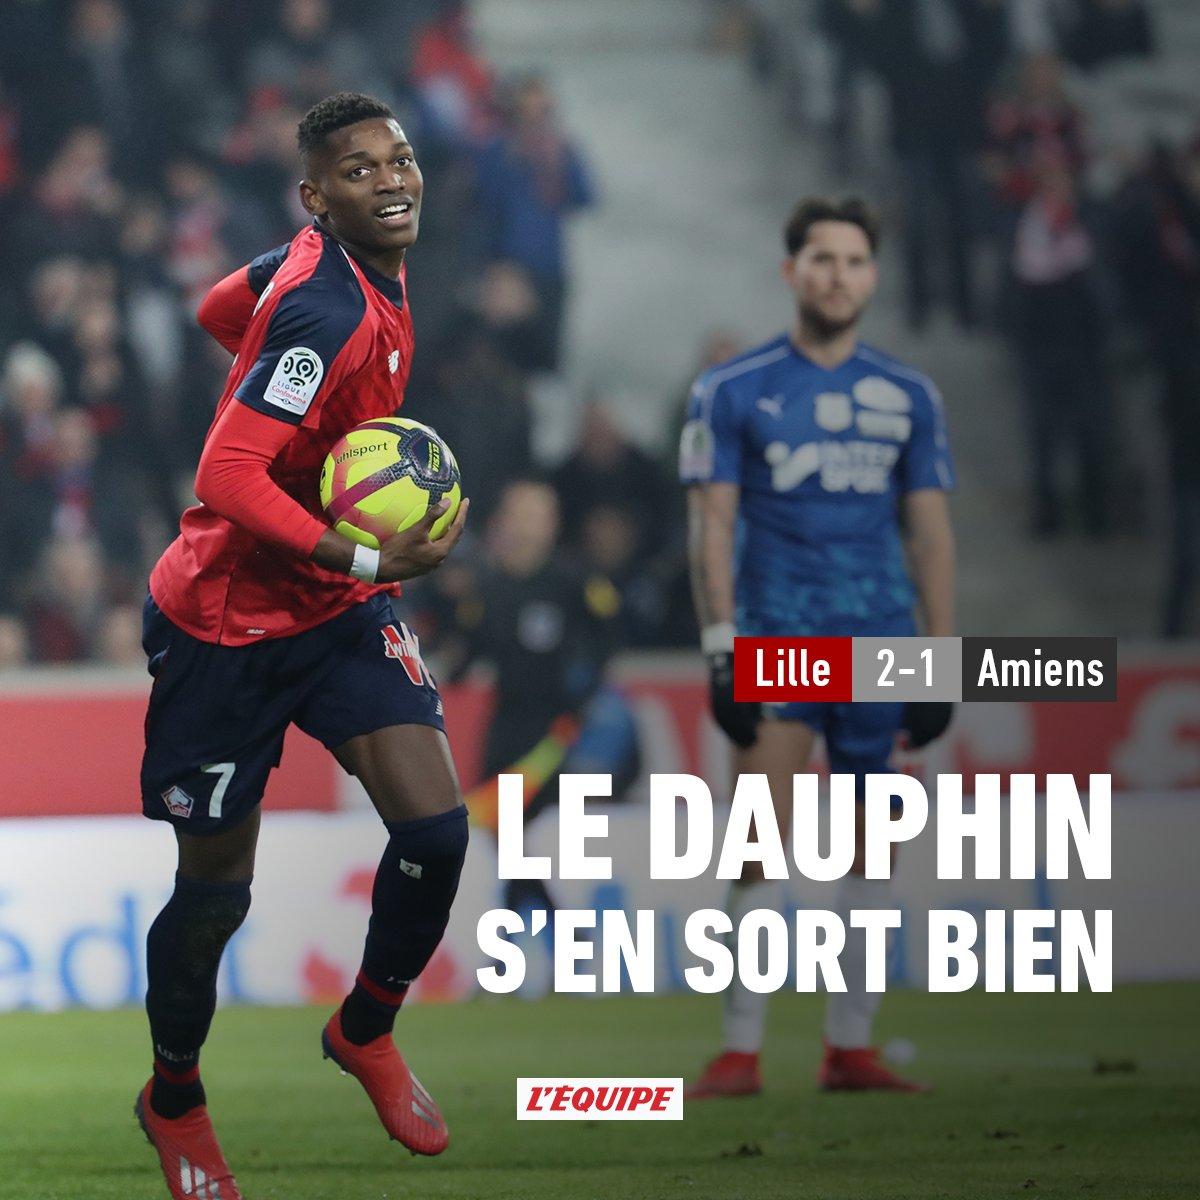 L'ÉQUIPE's photo on Lille